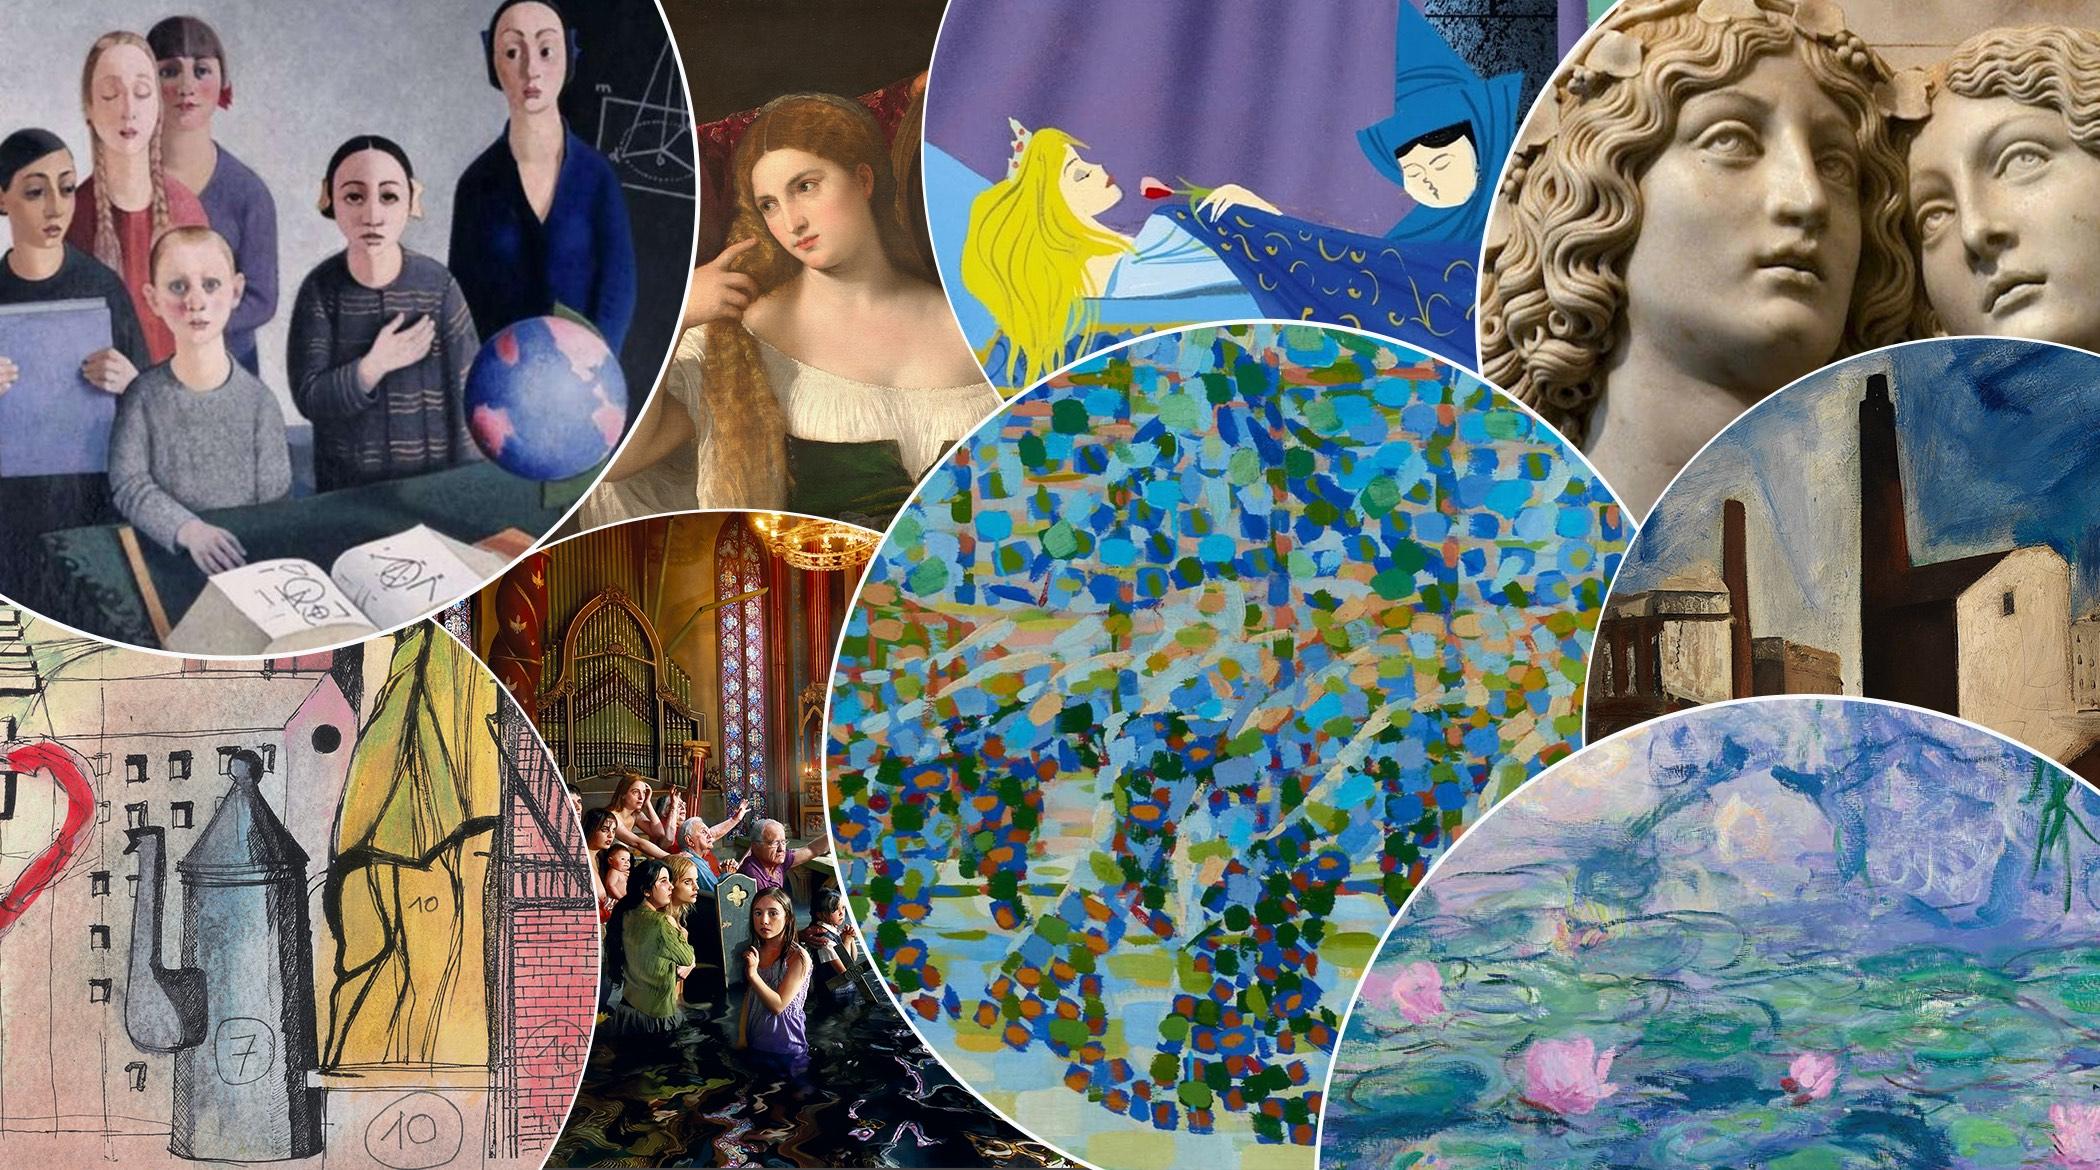 Mostre Milano, 21/22; Palazzo Reale; MUDEC; Museo del Novecento; GAM; Castello Sforzesco